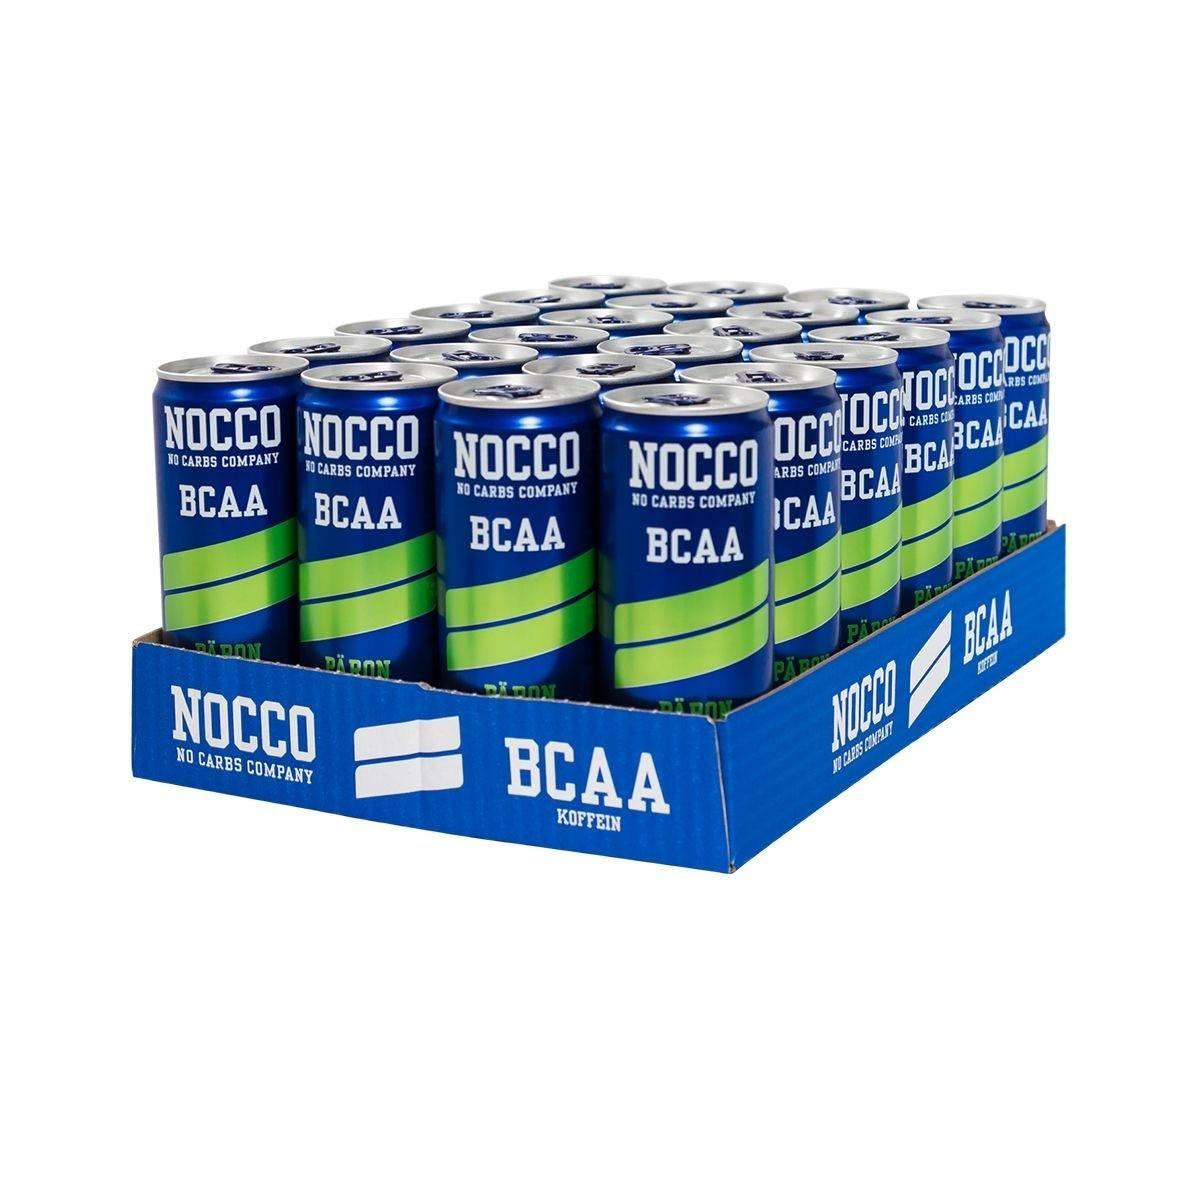 24 x 330ml Nocco - 1 stk brett - Inkludert pant